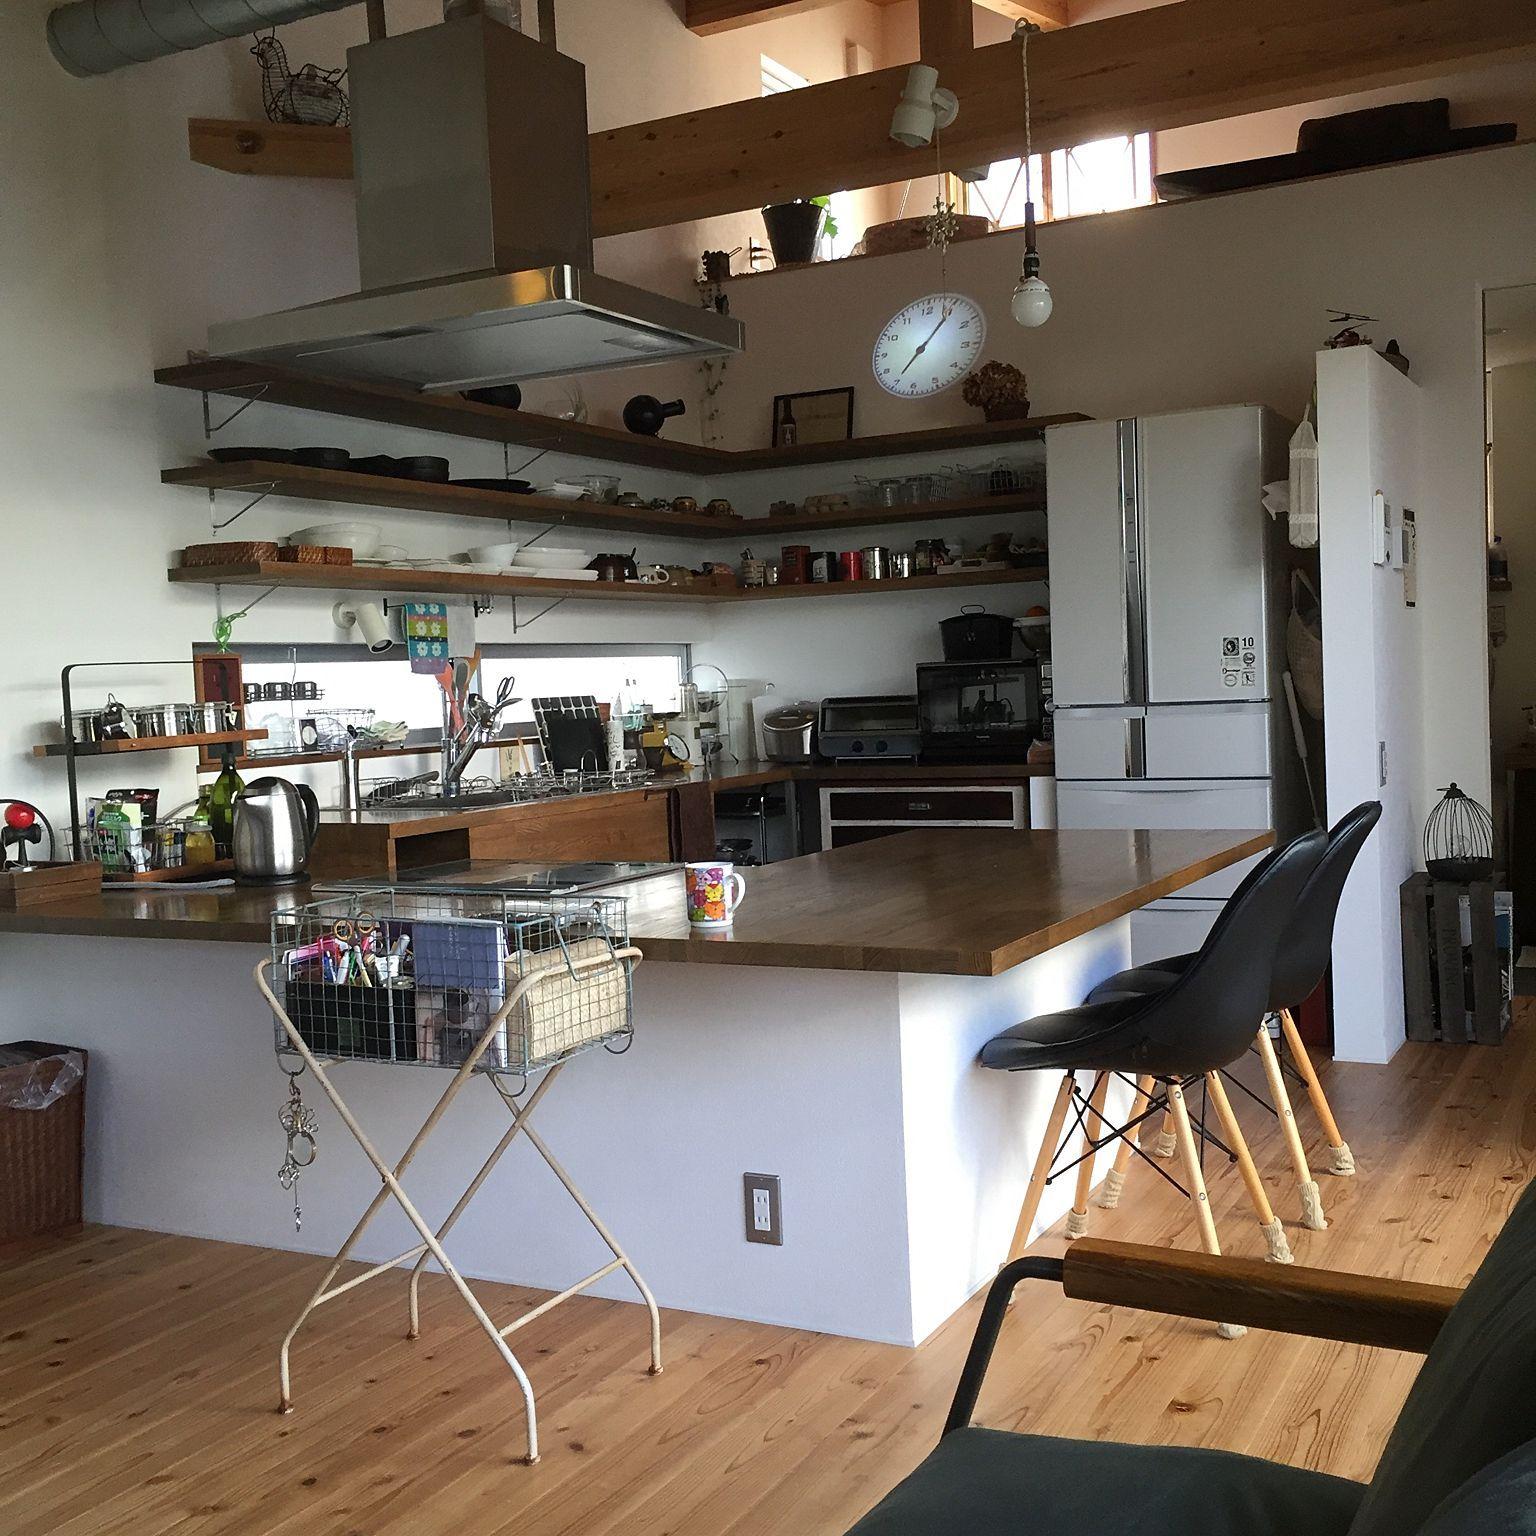 キッチン 雑貨 レトロ 窓枠 梁 などのインテリア実例 2016 04 17